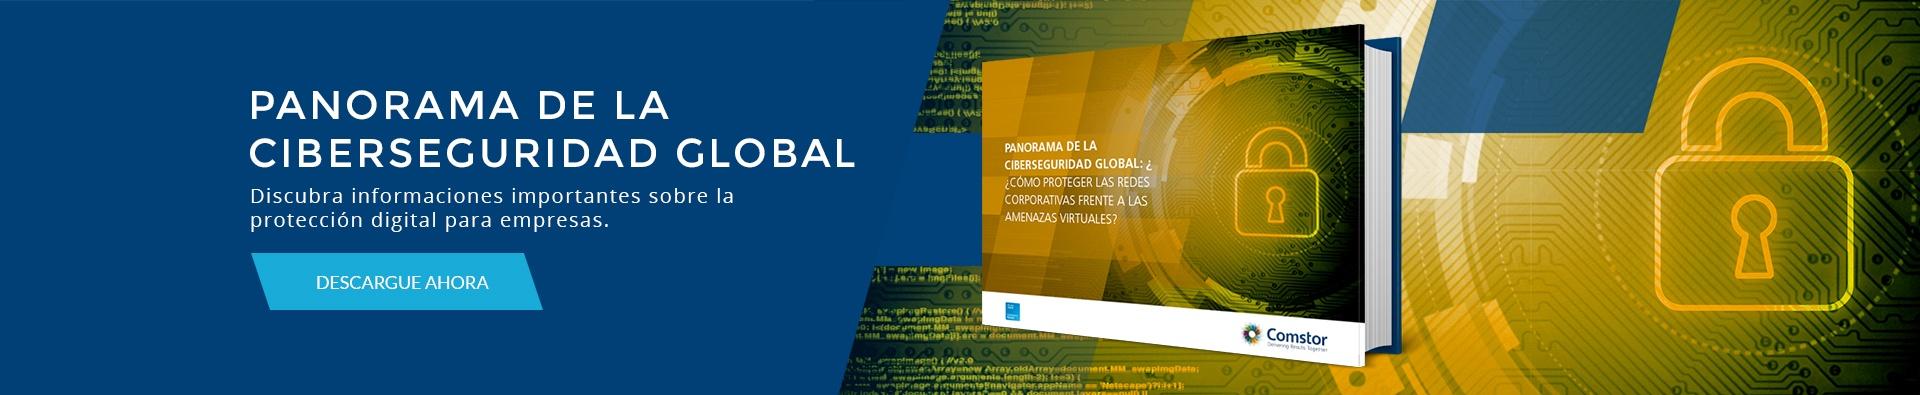 Panorama de la Ciberseguridad Global: ¿Cómo proteger las redes corporativas frente a las amenazas virtuales?